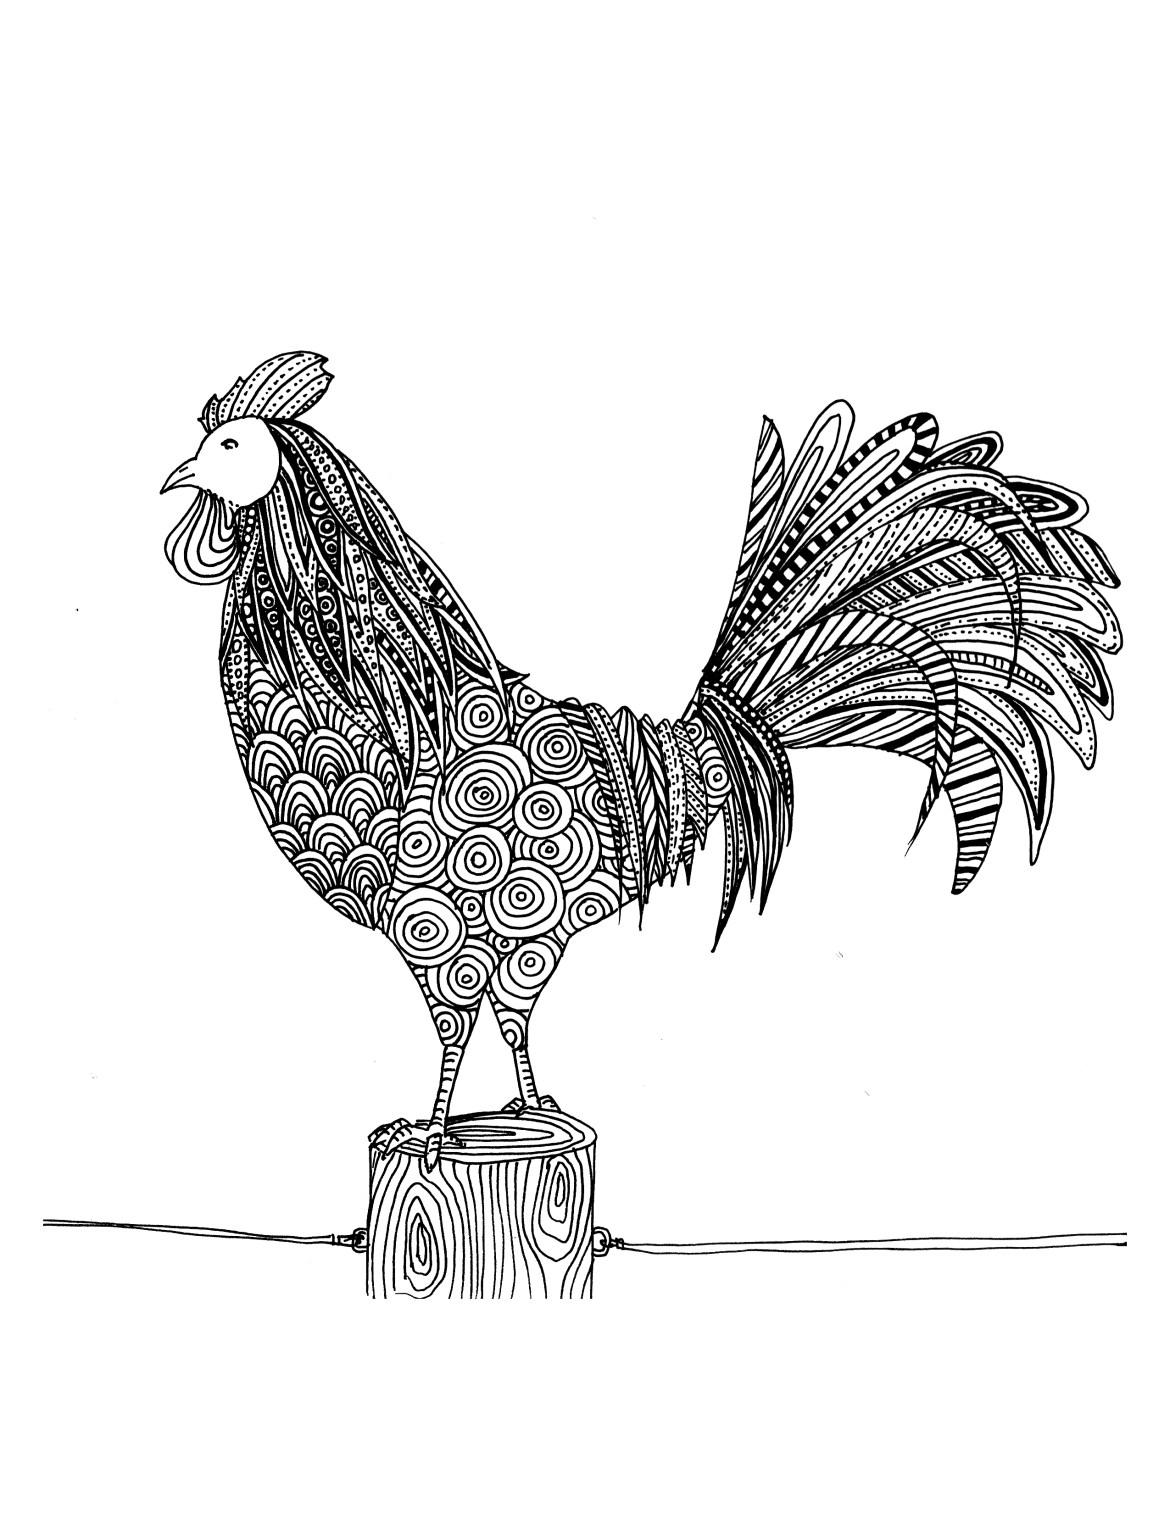 Coloriage de coq à dessiner par Chocobo - Artherapie.ca